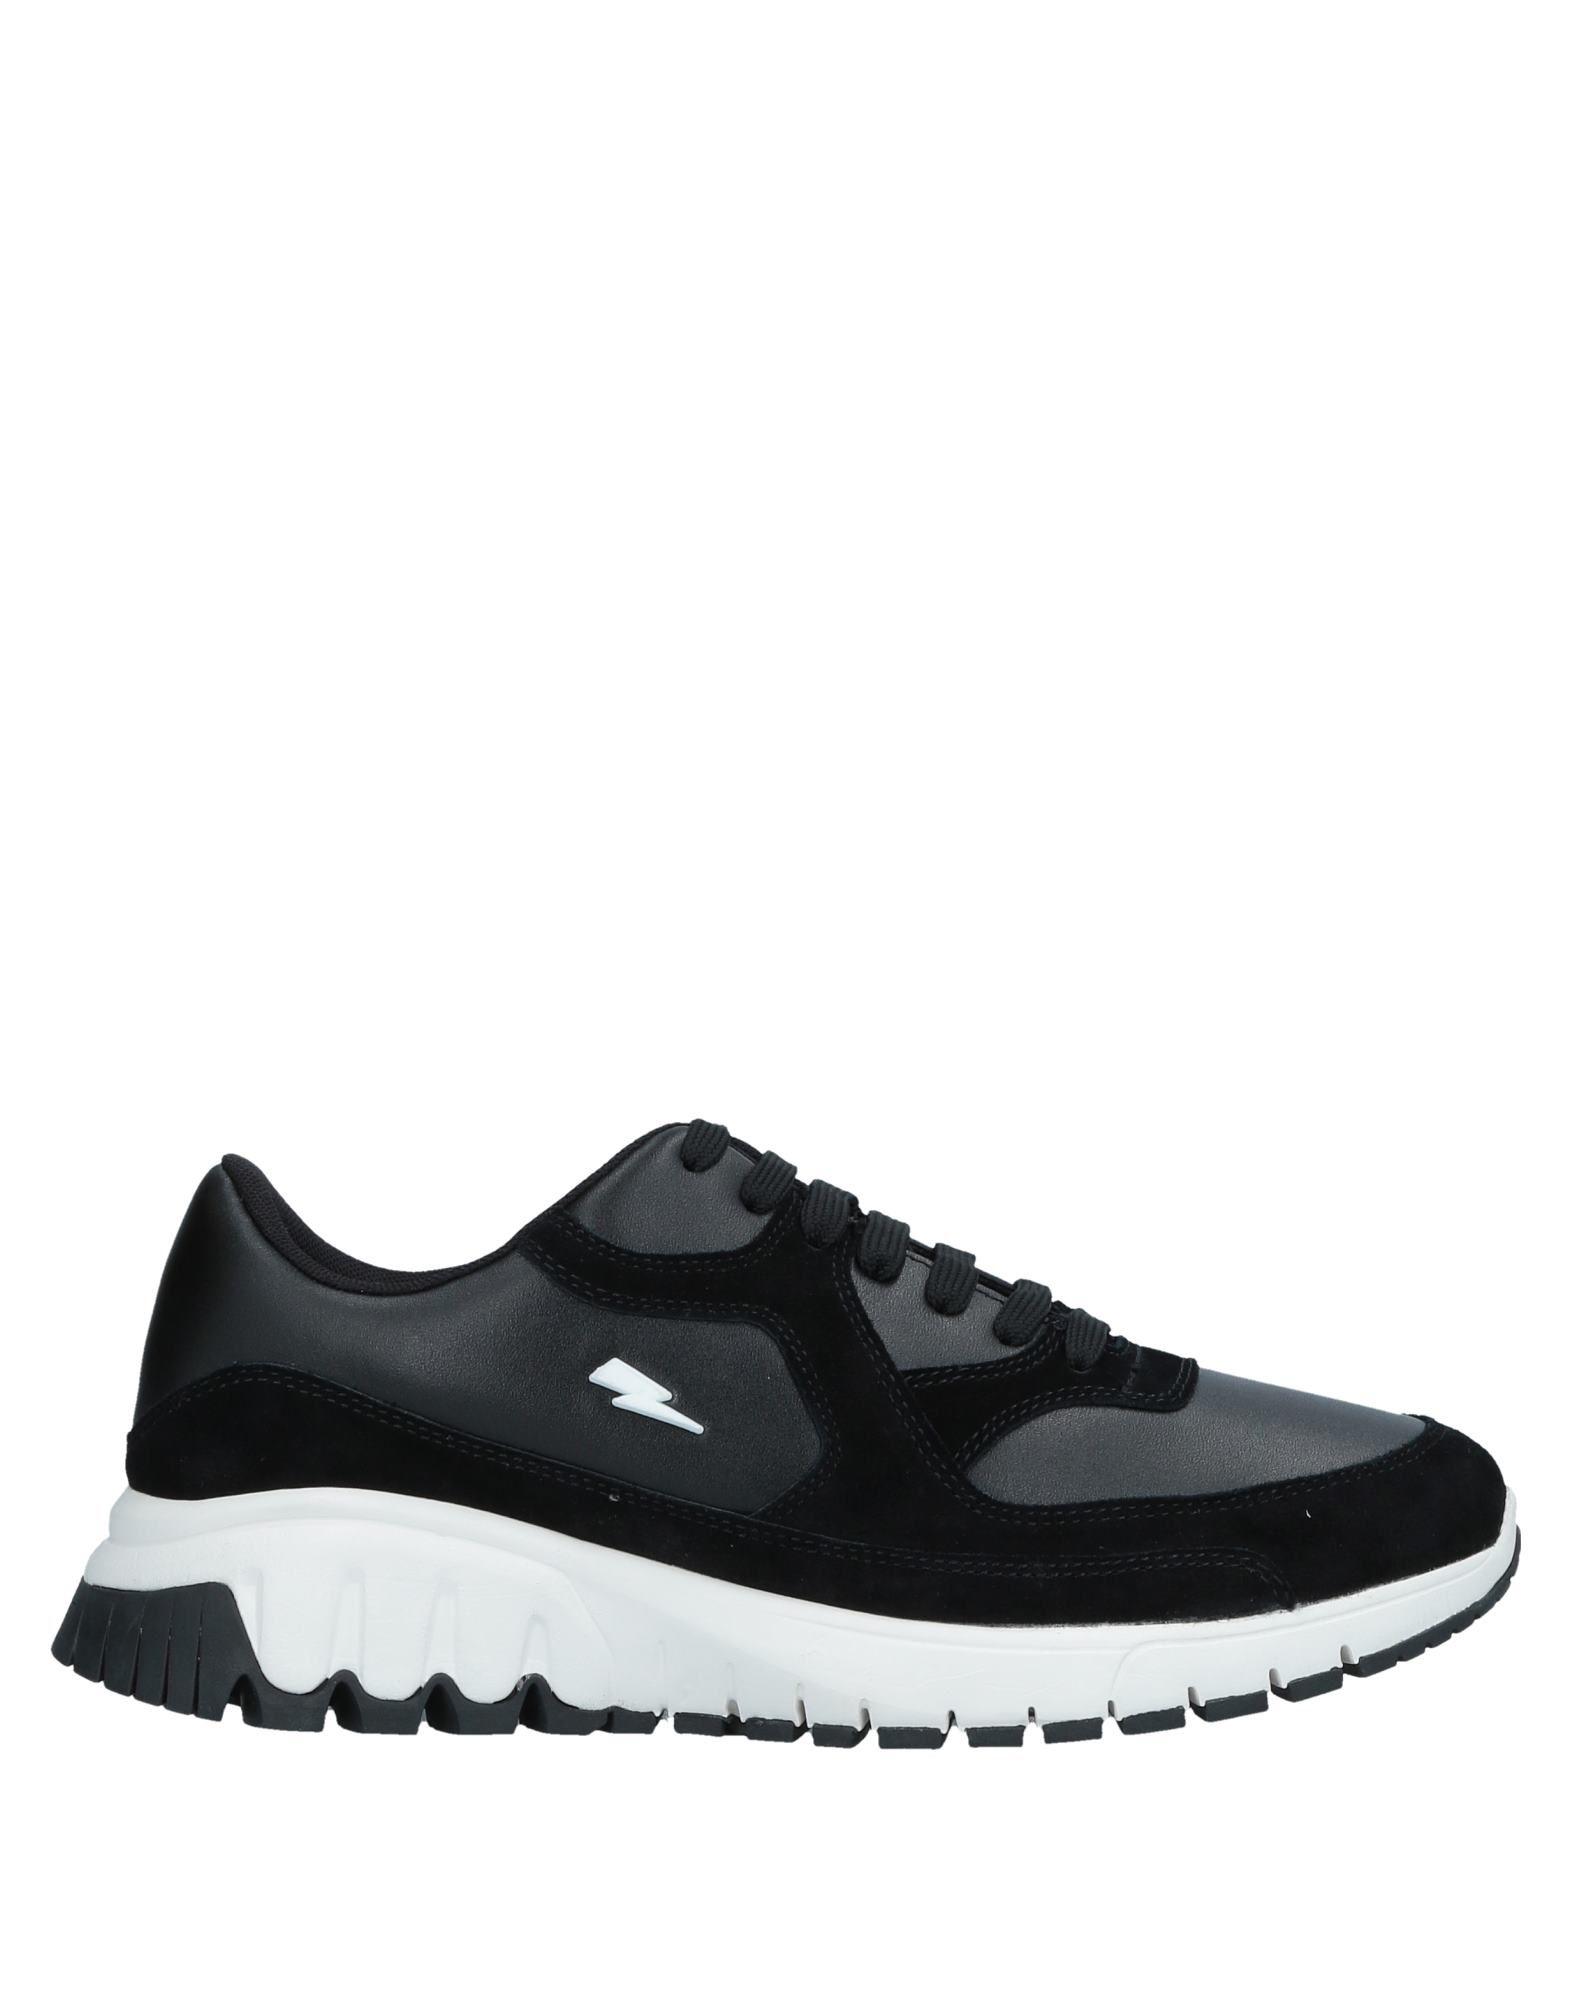 Neil Barrett Neue Sneakers Herren  11528549PG Neue Barrett Schuhe 69df1e